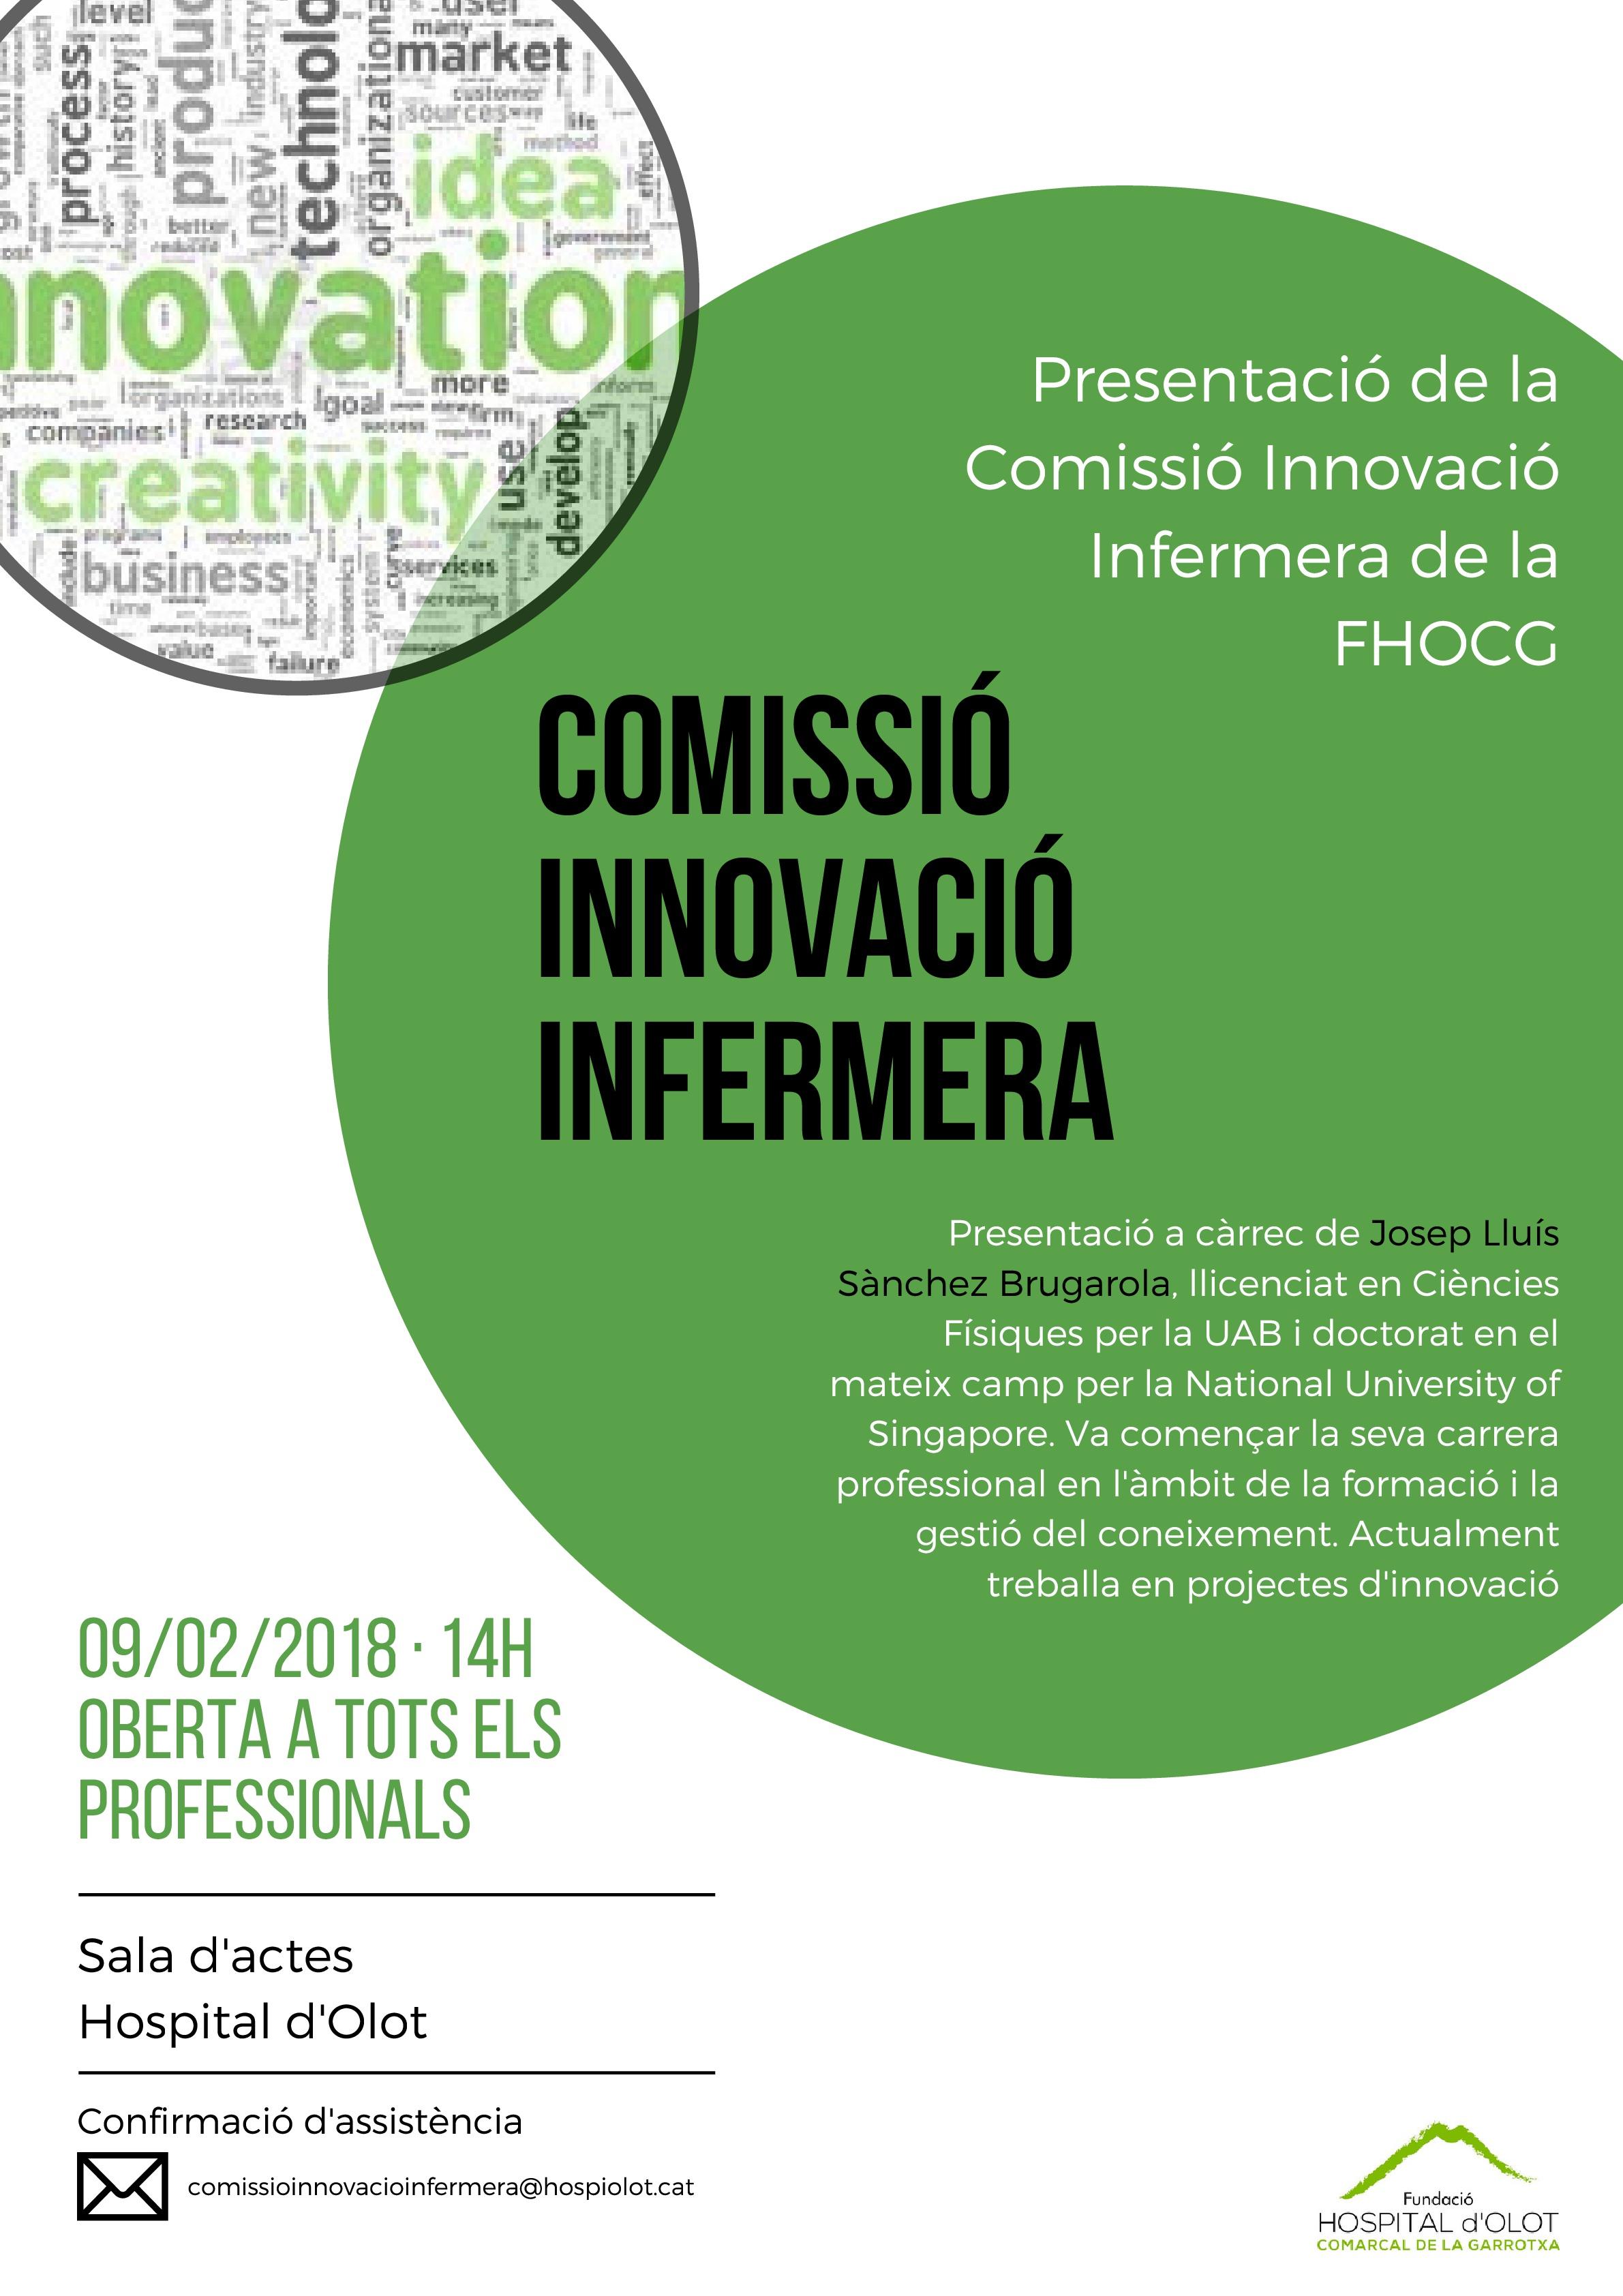 Comissió Innovació Infermera